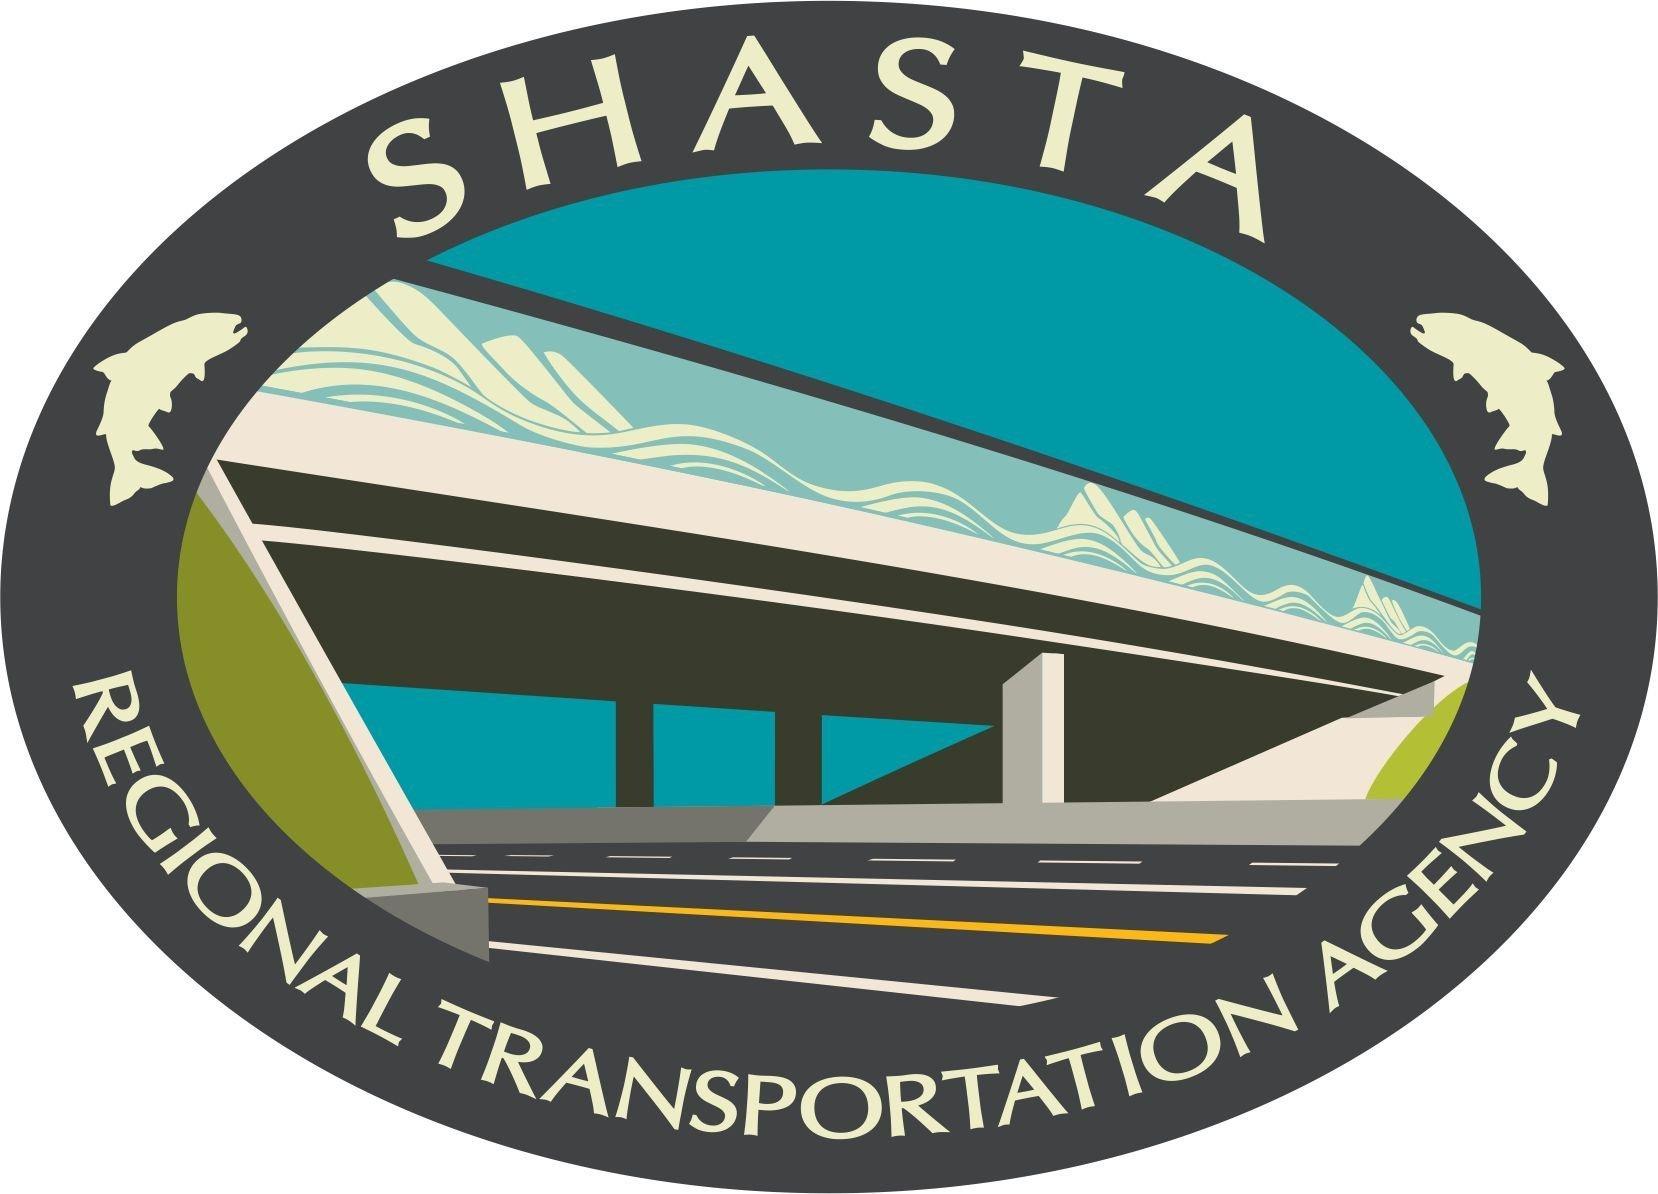 Shasta Regional Transportation Agency (SRTA)